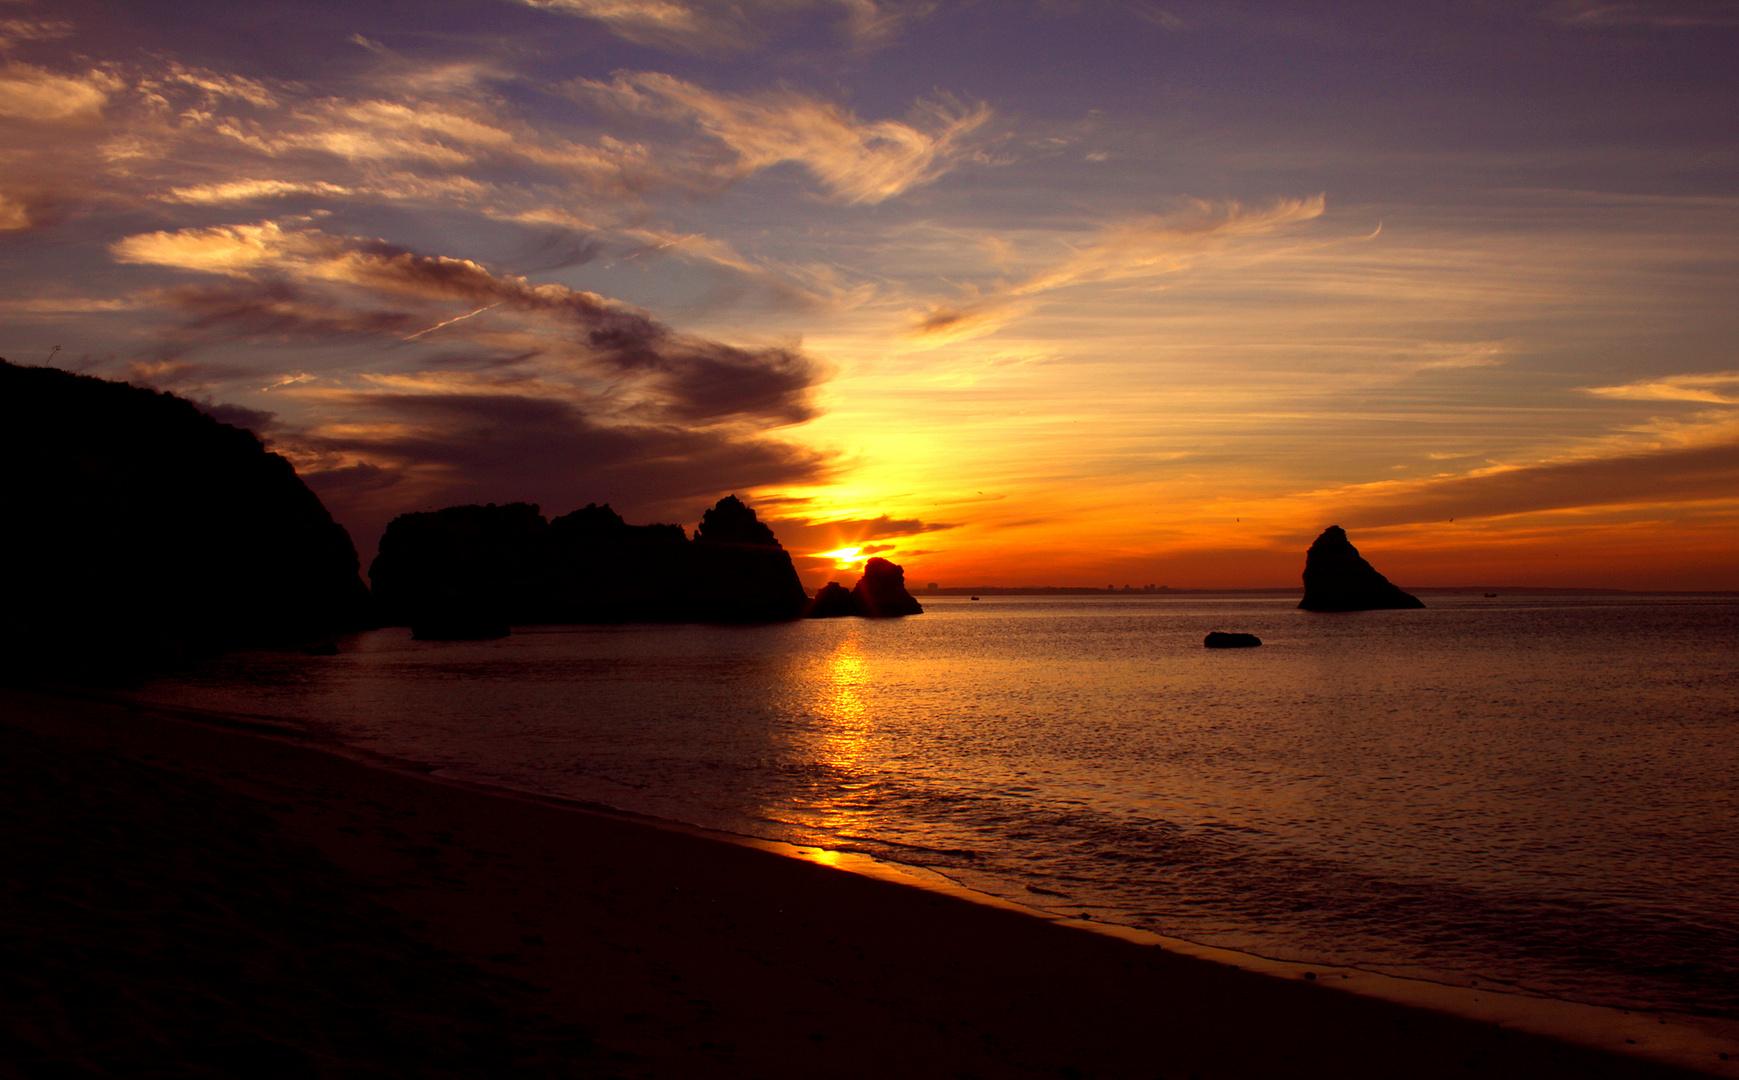 Sonnenaufgang am Mittelmeerküste